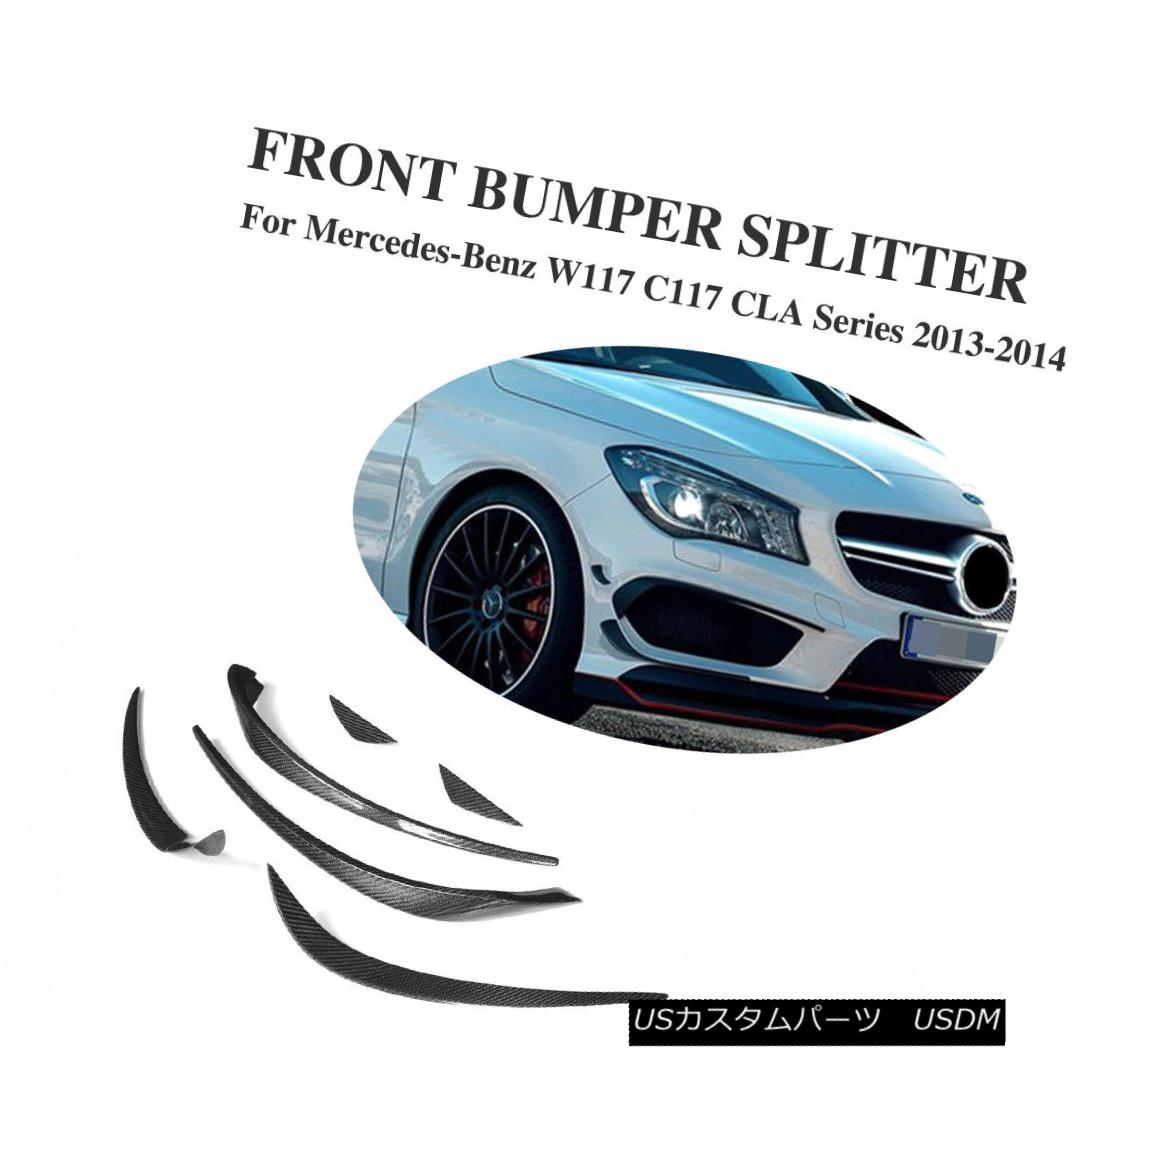 エアロパーツ Carbon Fiber Moulding Trim Side Bumper Lip Fit for Mercedes Benz W117 CLA250 Mercedes Benz W117 CLA250用カーボンファイバーモールディングトリムサイドバンパーリップフィット